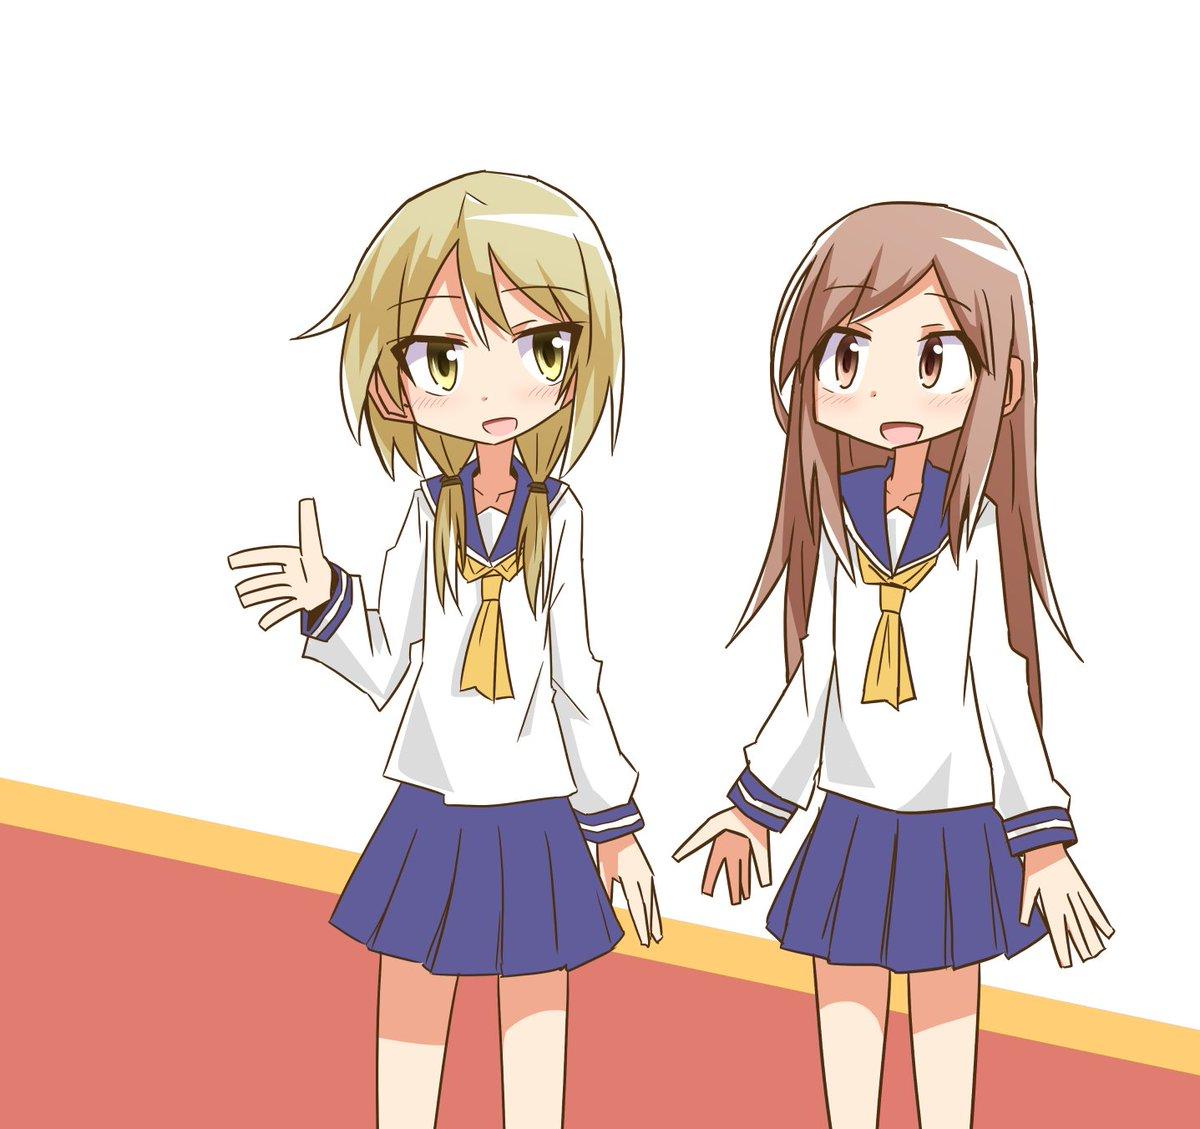 ゆゆ式アニメ全話見ました。唯と相川さんが話してるところが好きです。